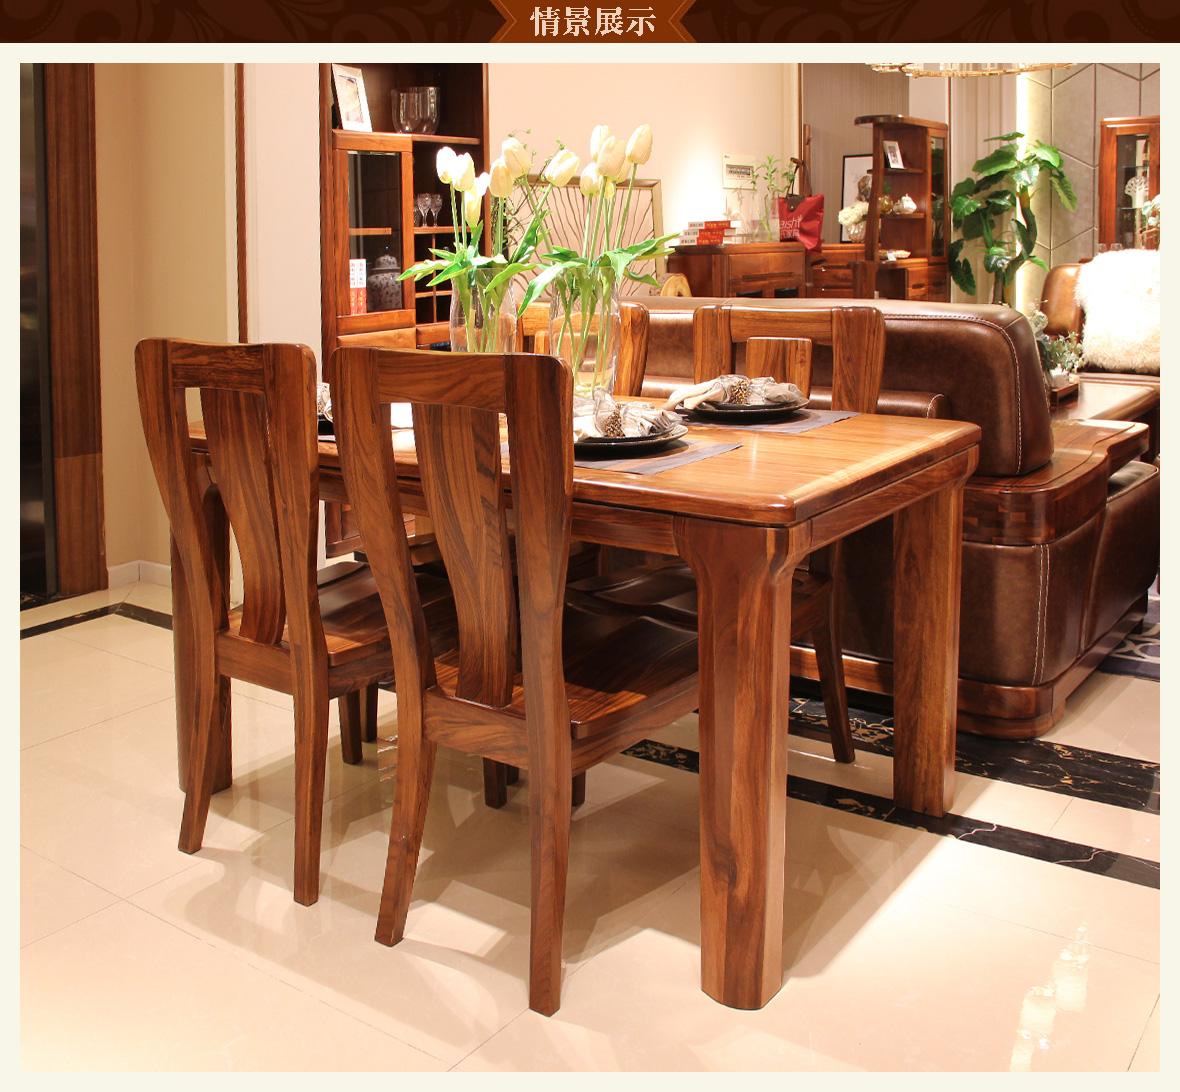 赖氏家具 乌金木餐桌wjh02型号 纯实木 现代简约风格